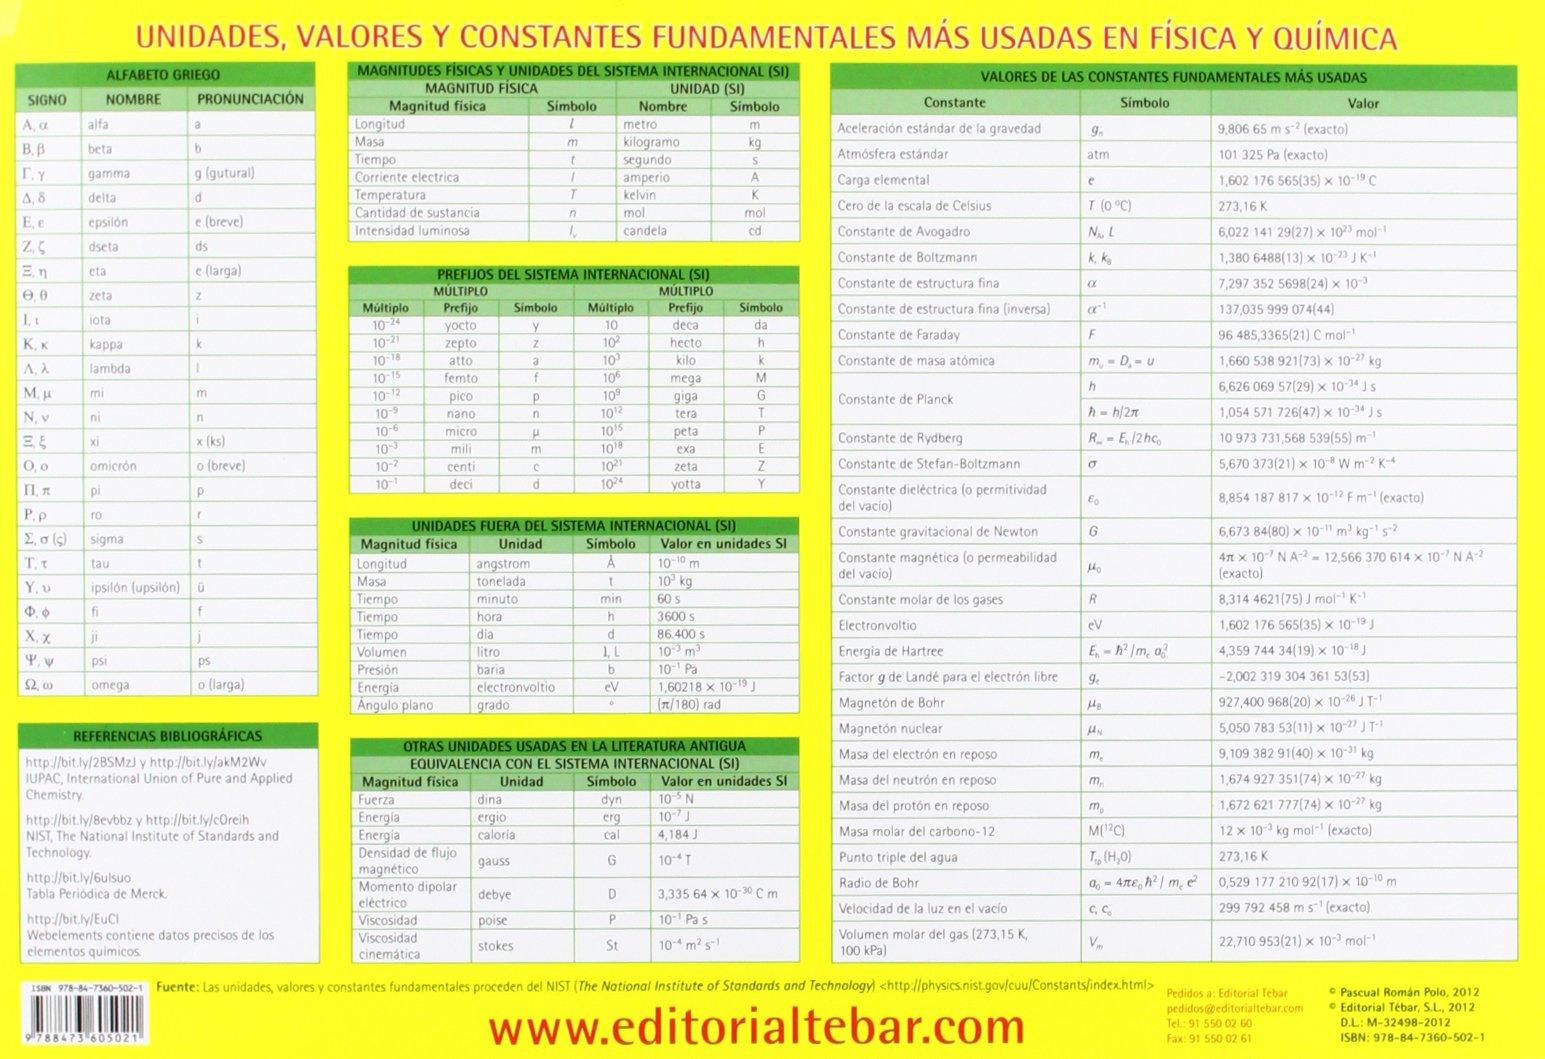 Tabla peridica de los elementos 2013 amazon pascual romn polo tabla peridica de los elementos 2013 amazon pascual romn polo libros urtaz Images